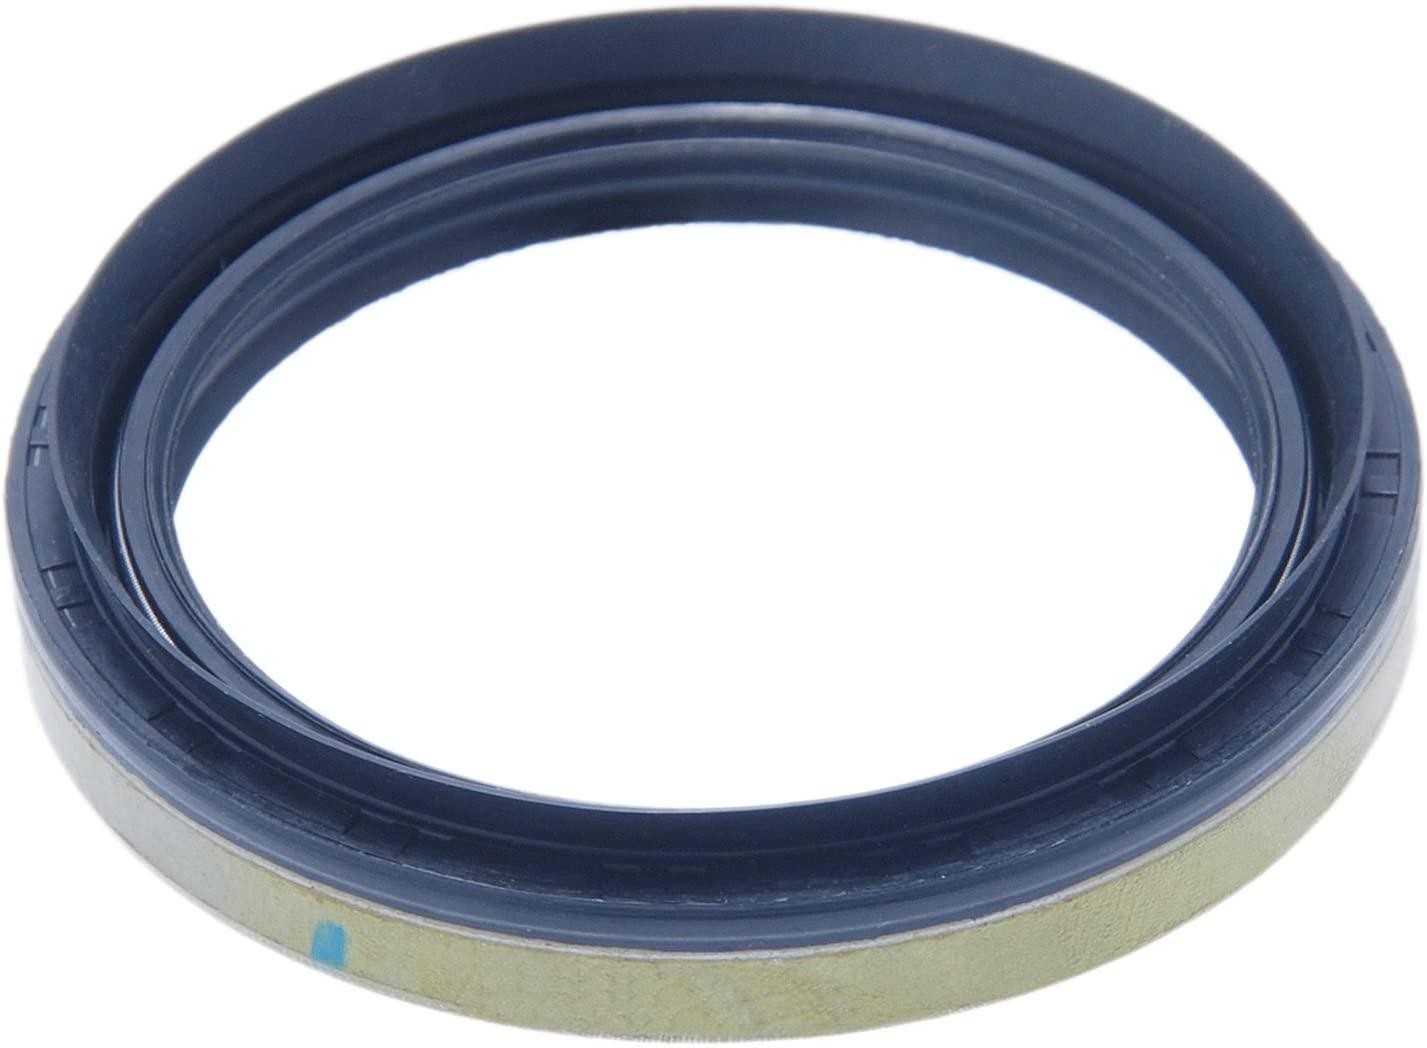 43431-60B20 - Oil Seal Rear Hub (49X62X8X11.2) - Febest # 95HDS-49620811X - 1.